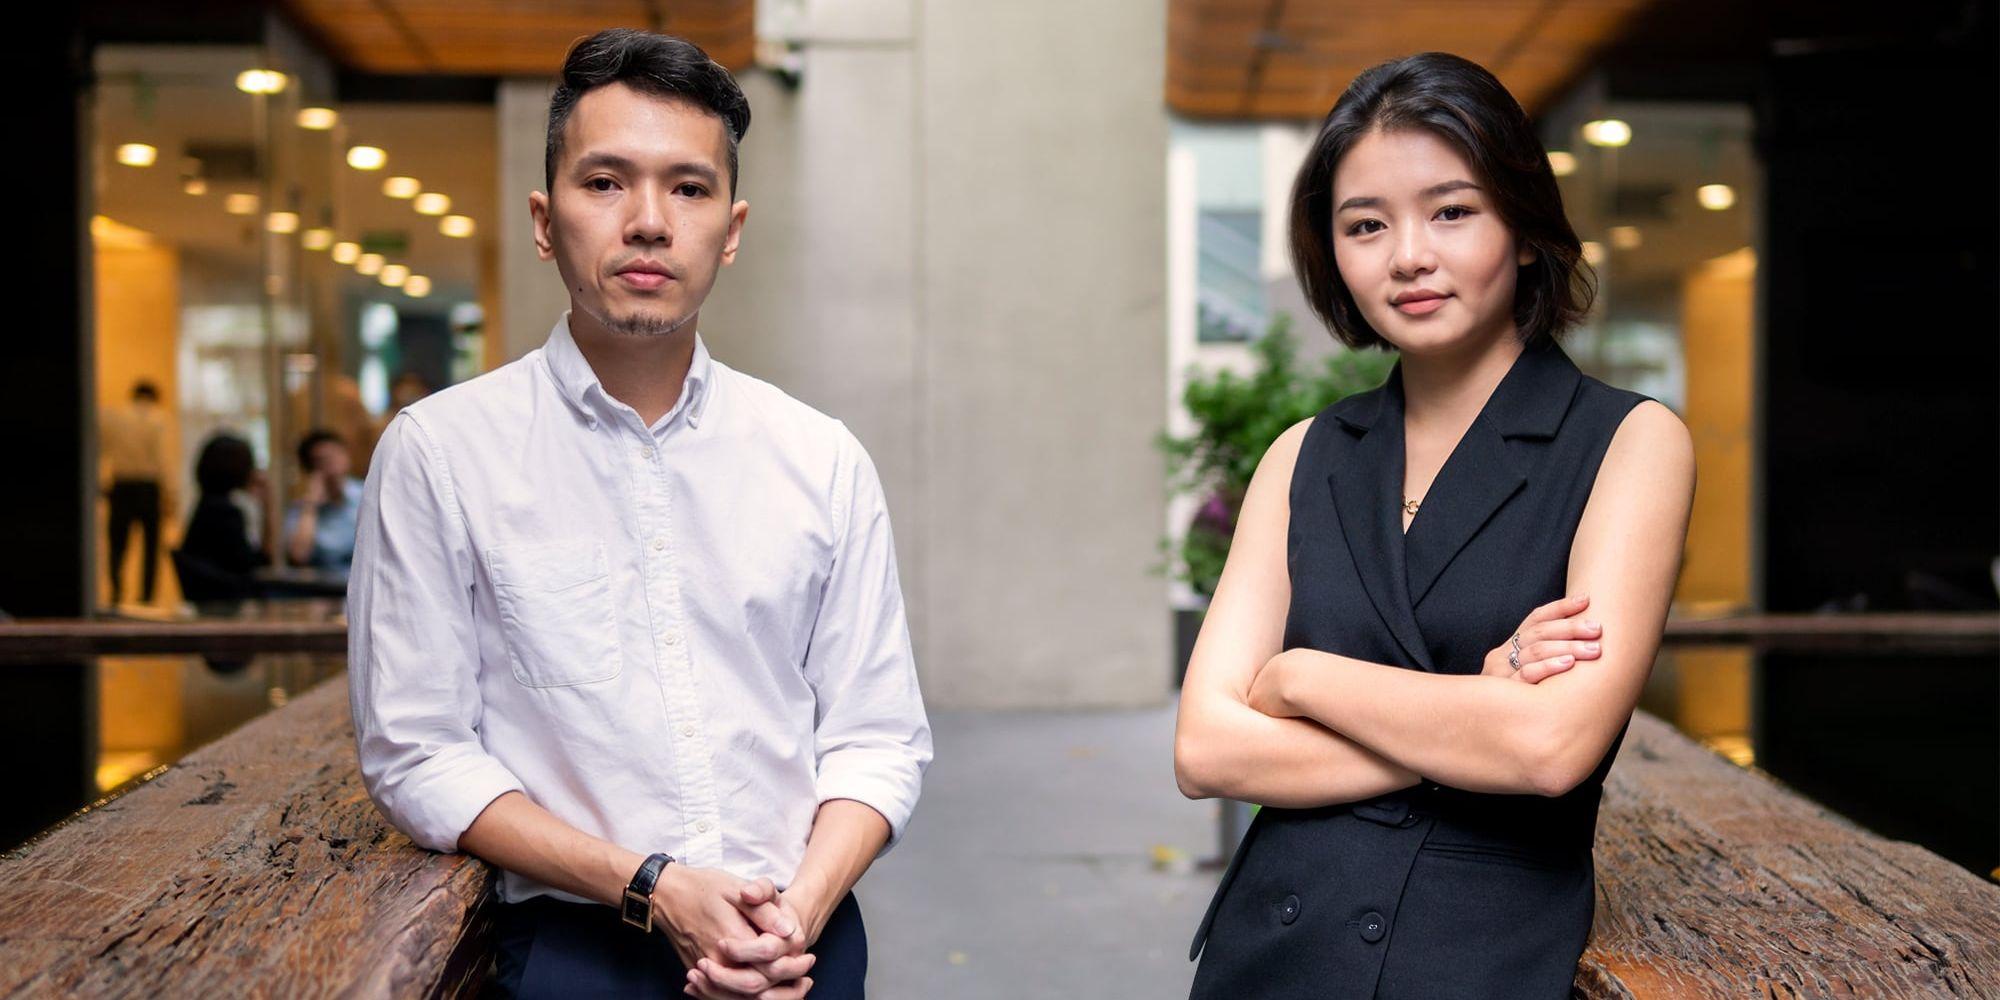 Vietnam Innovator: Lina Network & Hoài bão tạo ra giải pháp thực tiễn với công nghệ Blockchain